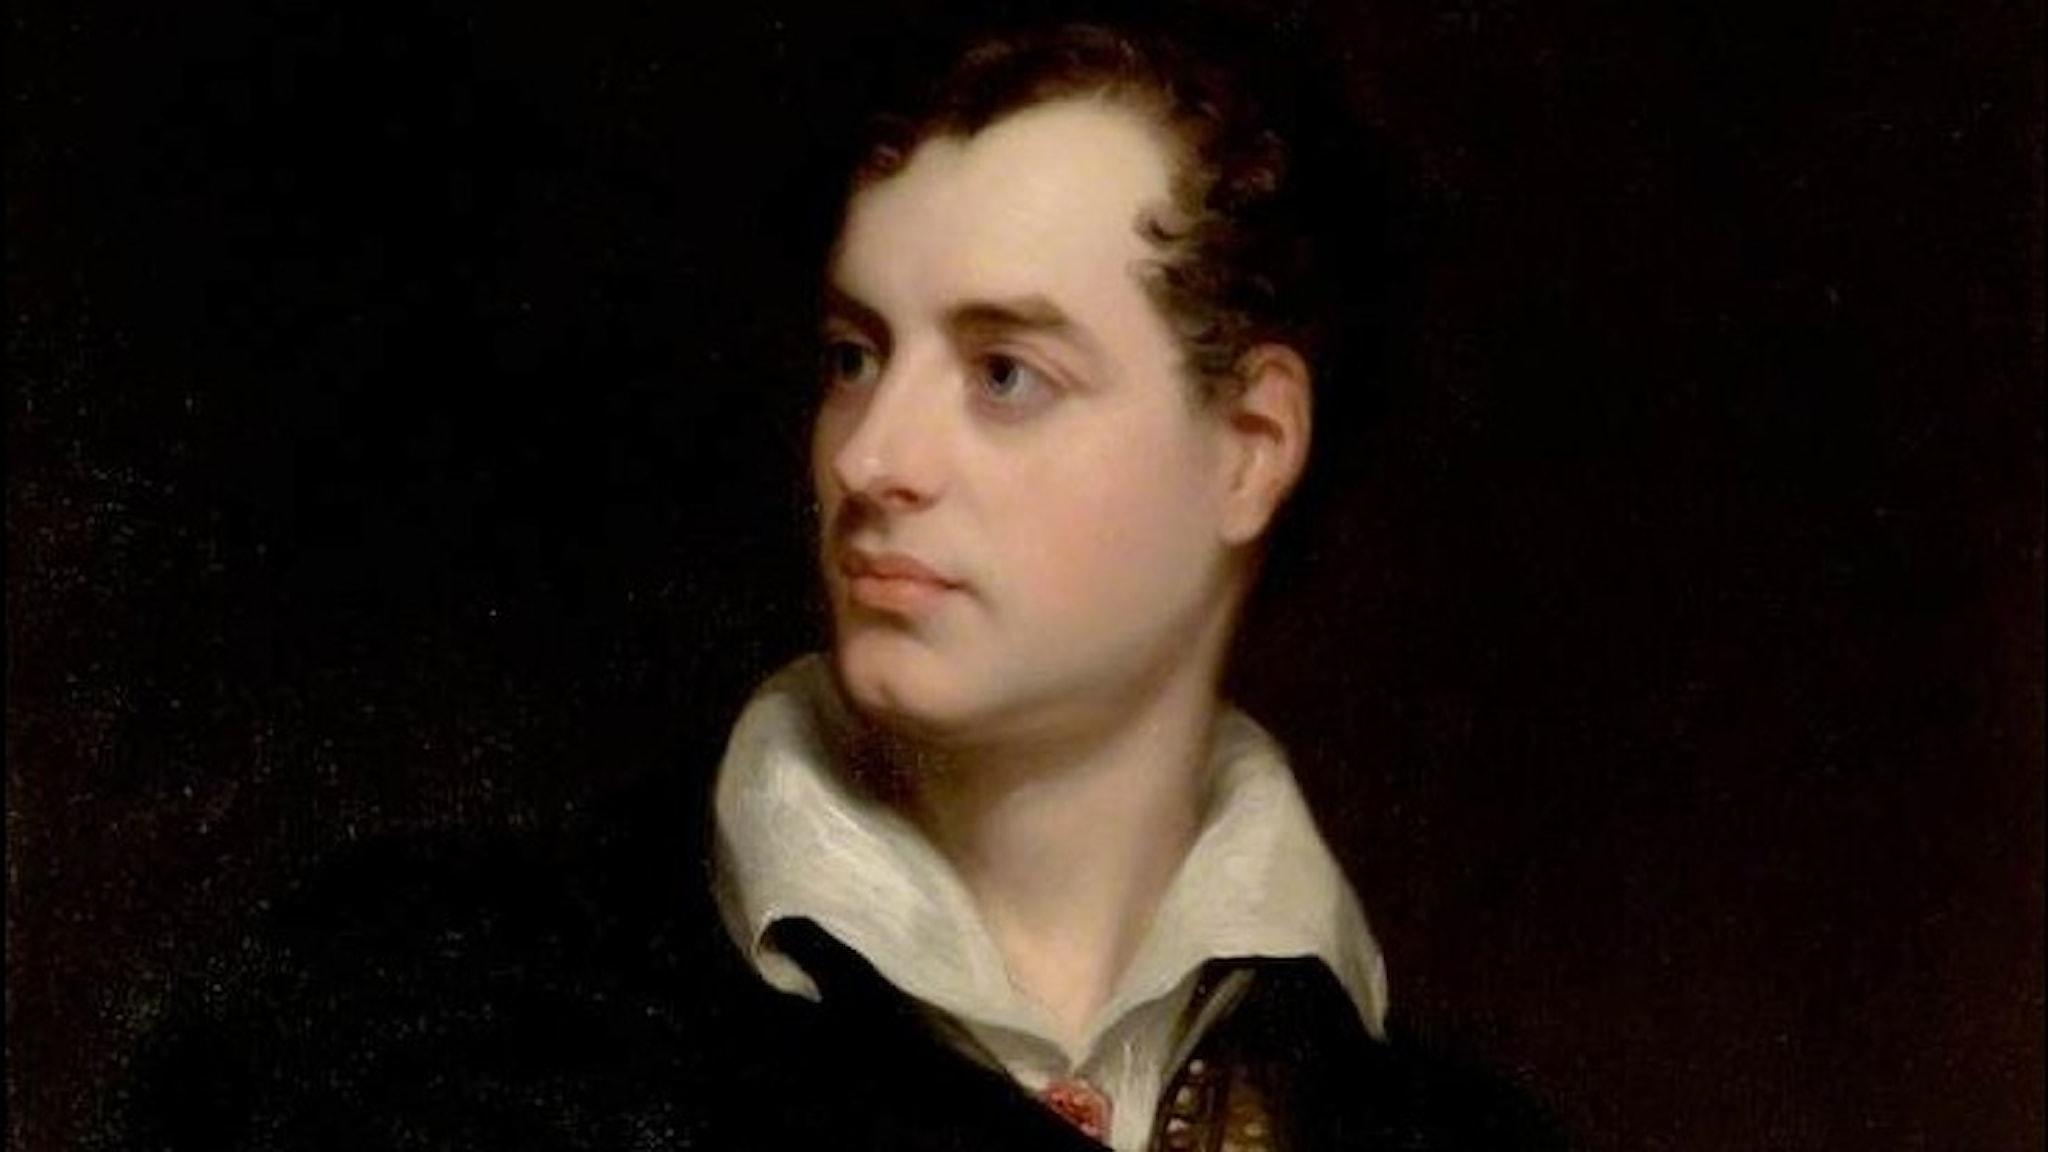 En ansiktsmålning av Lord Byron, en vacker ung man med mörkt hår och bleka kinder.